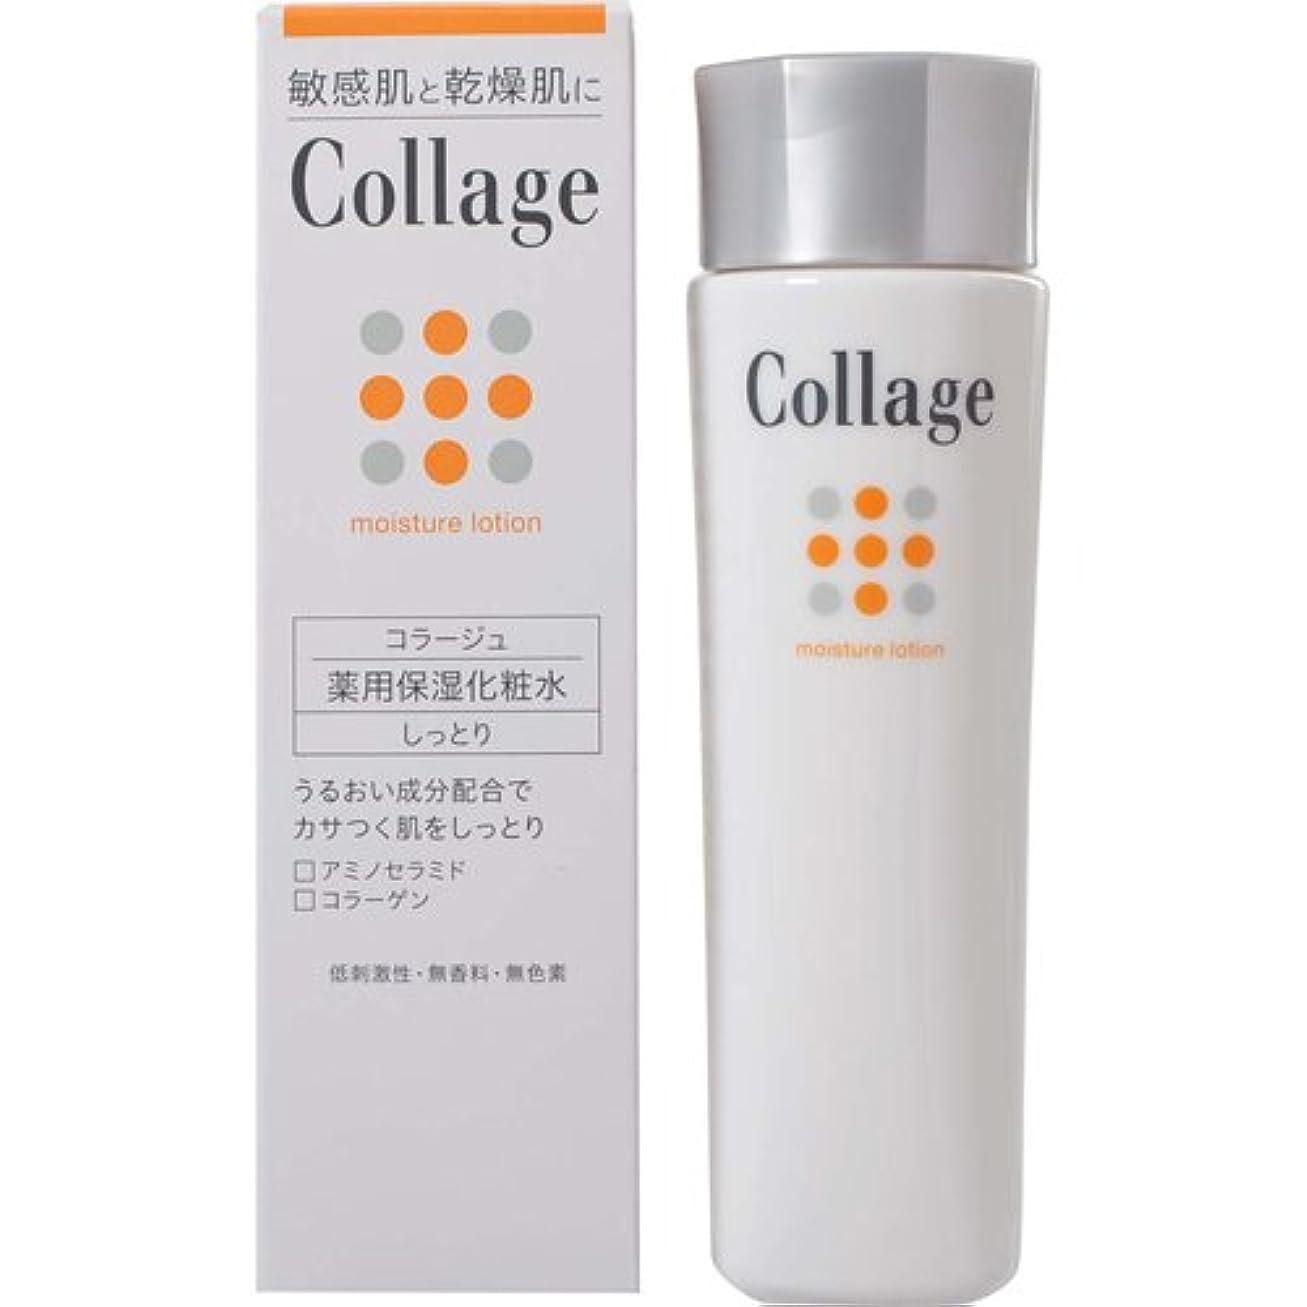 コラージュ 薬用保湿化粧水 しっとり 120mL 【医薬部外品】